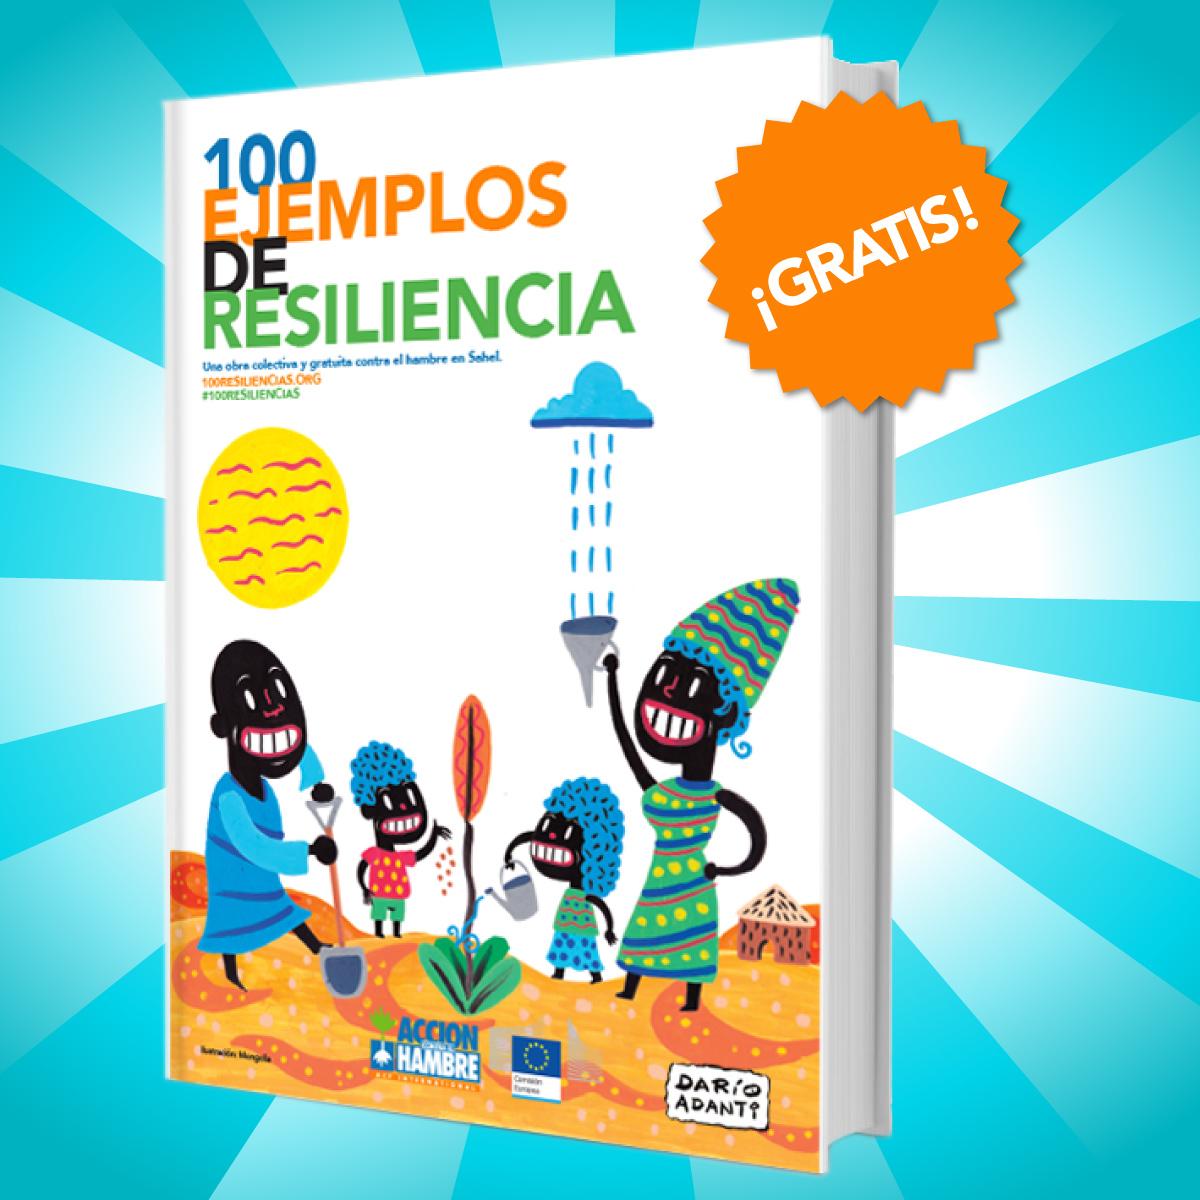 Libro ebook de la campaña 100 Ejemplos de Resiliencia de Acción contra el hambre